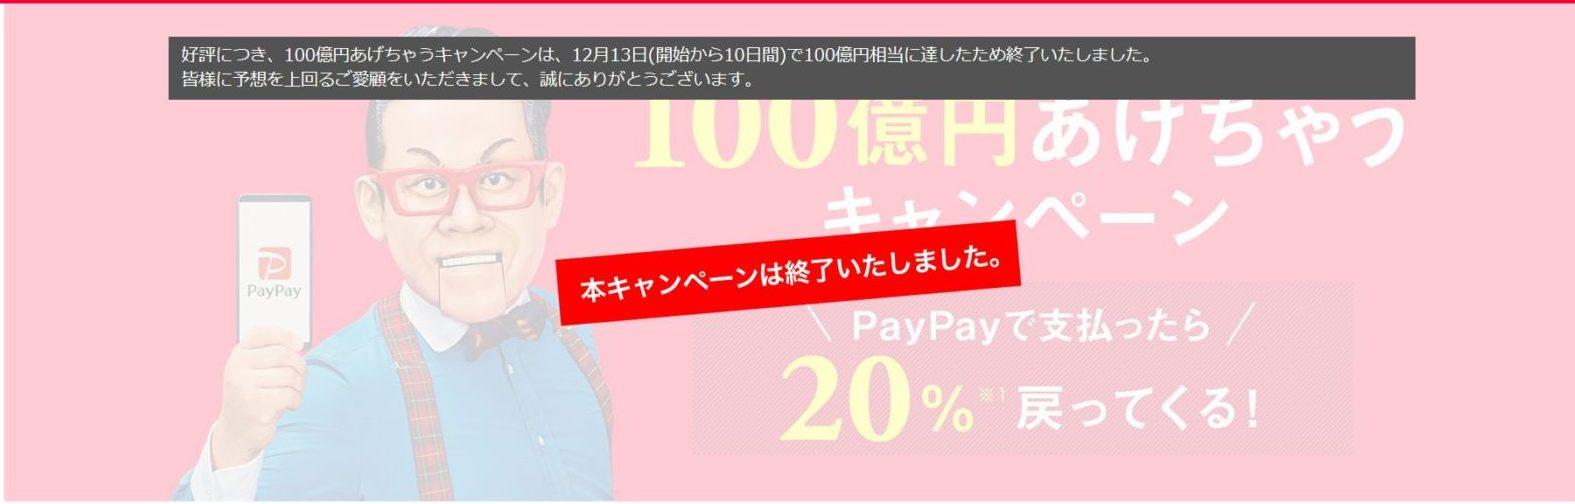 PayPay(ペイペイ)100億円あげちゃうキャンペーン 終了